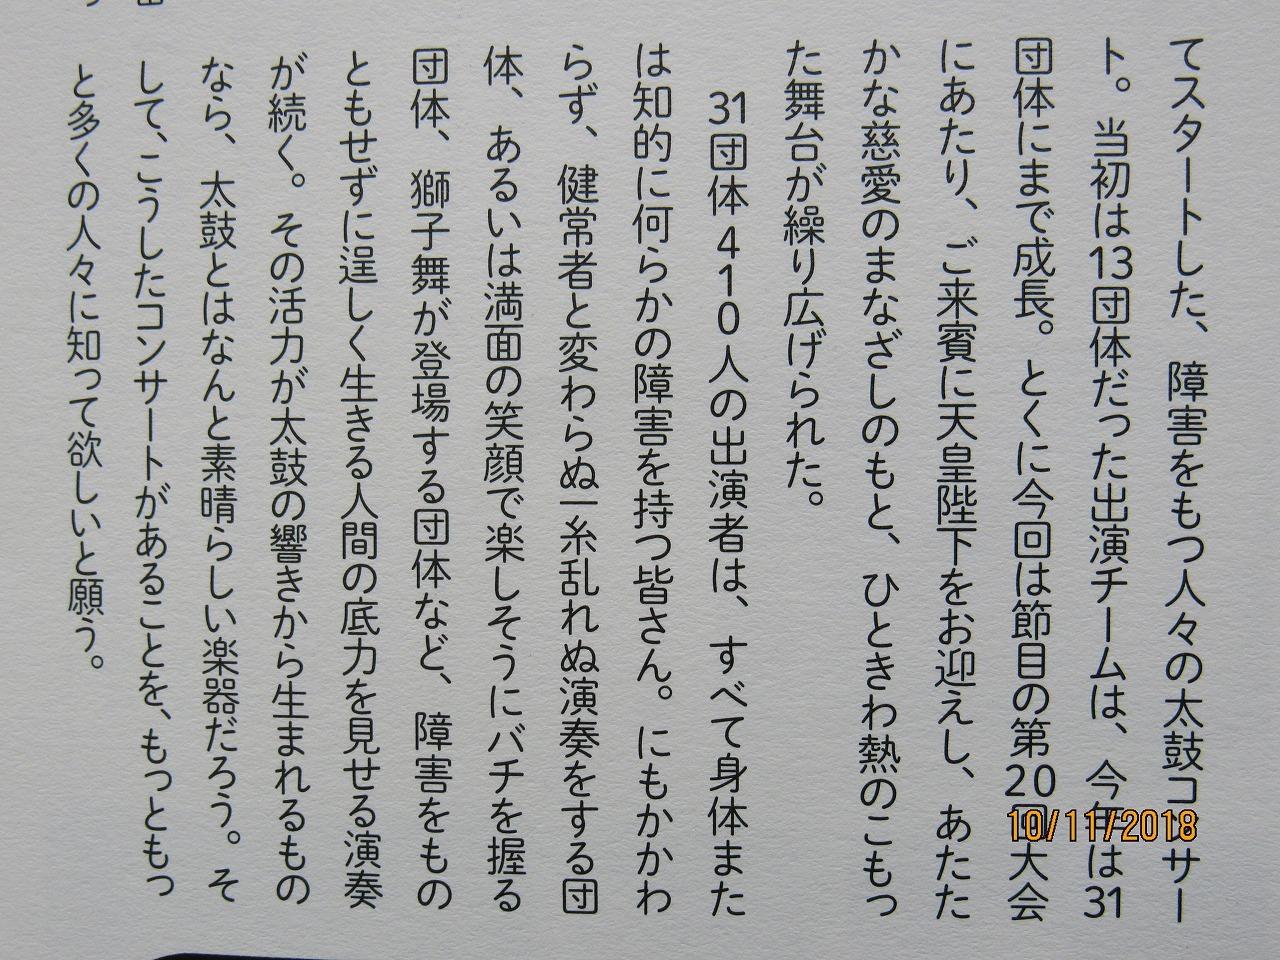 木立 by 浅野太鼓文化研究所 _e0185893_09174104.jpg